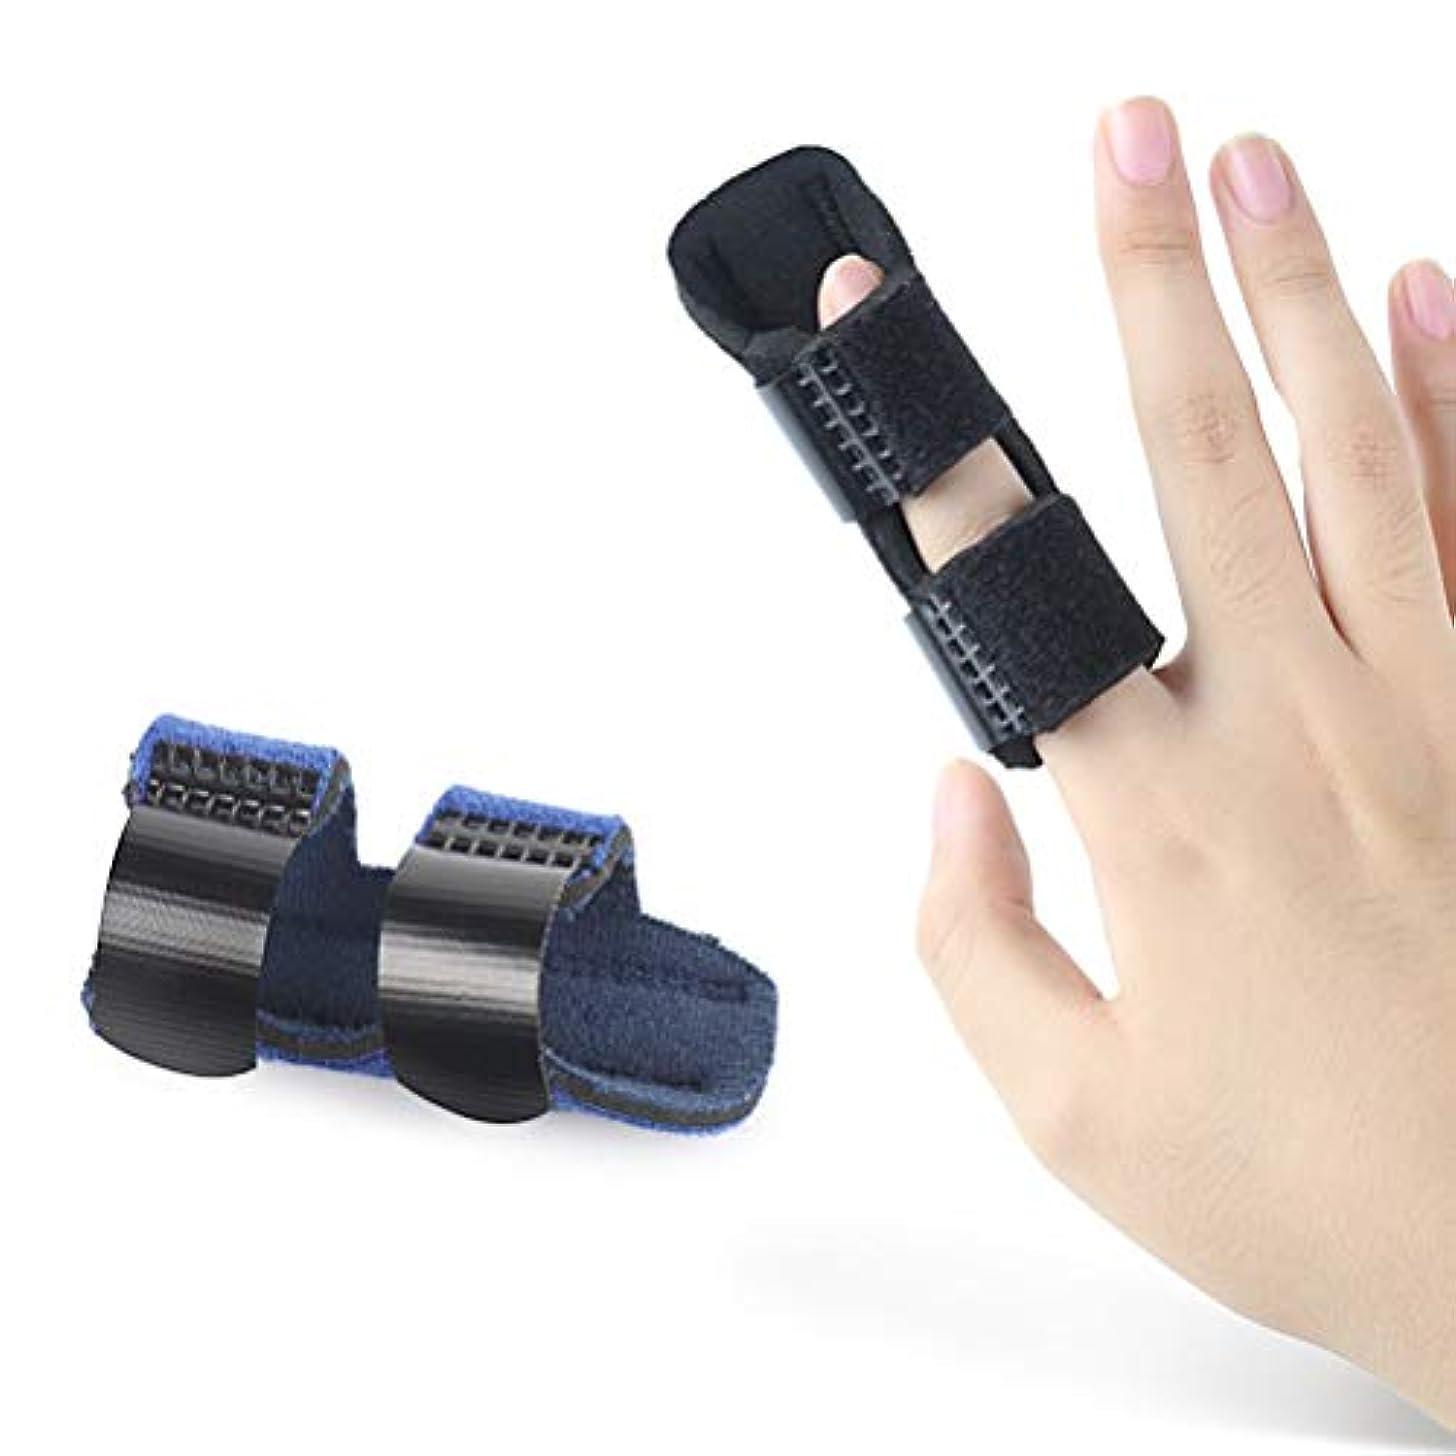 論争の的影響力のある真っ逆さまSUPVOX 首サポートブレース 腱鞘炎 バネ指 関節靭帯保護 損傷回復に 手首の親指の痛みを和らげる 1対指スプリントサポート(黒)